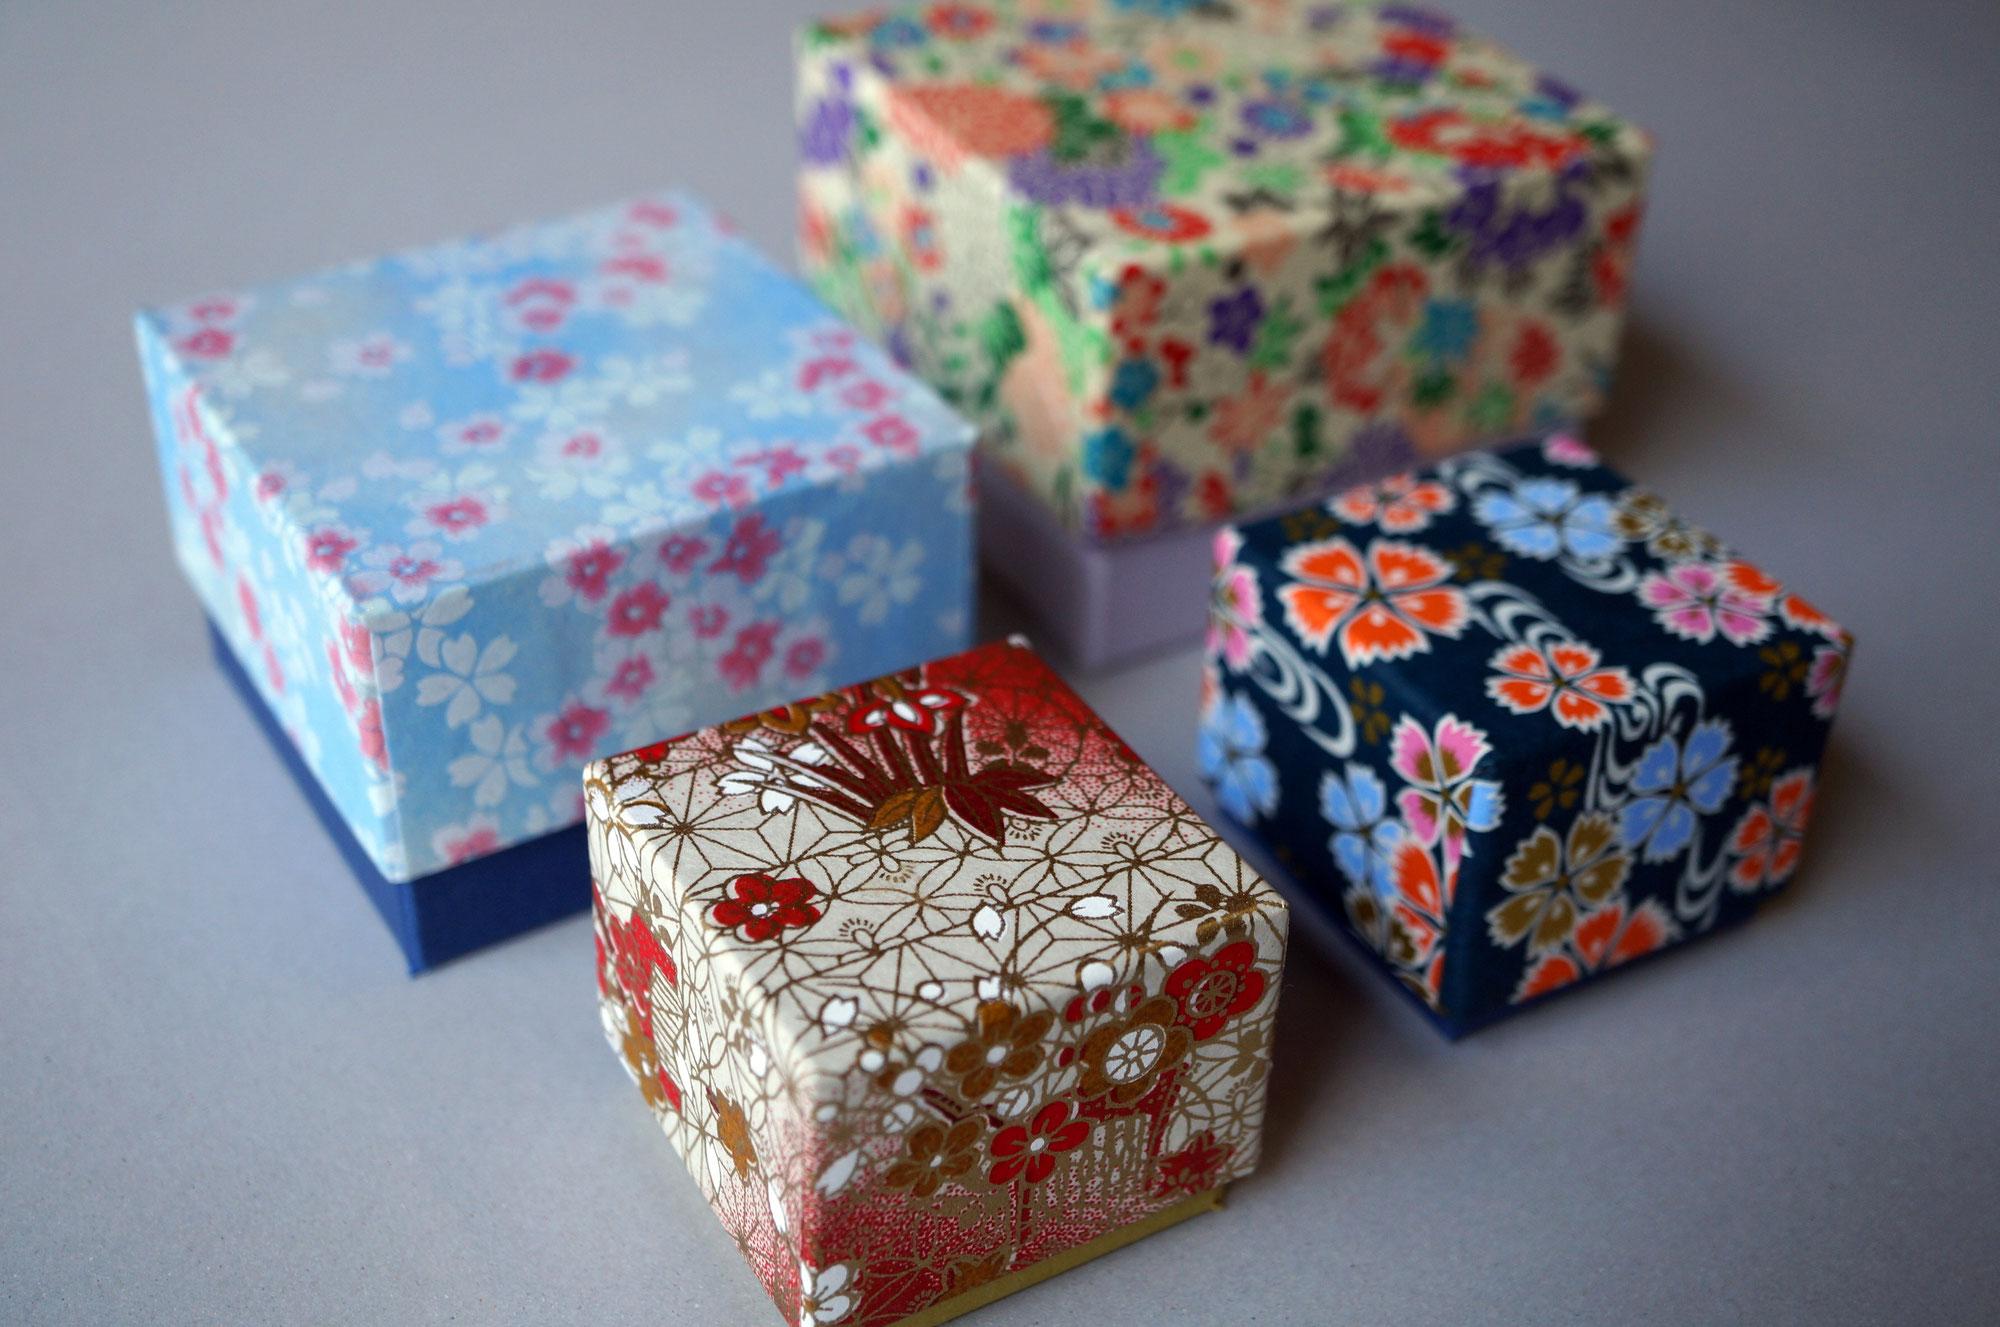 大阪の老舗和紙問屋、多種多彩な和紙で貼り箱を別注で作製支援する新サービス「彩紙器(さいしき)」の取り組み展開